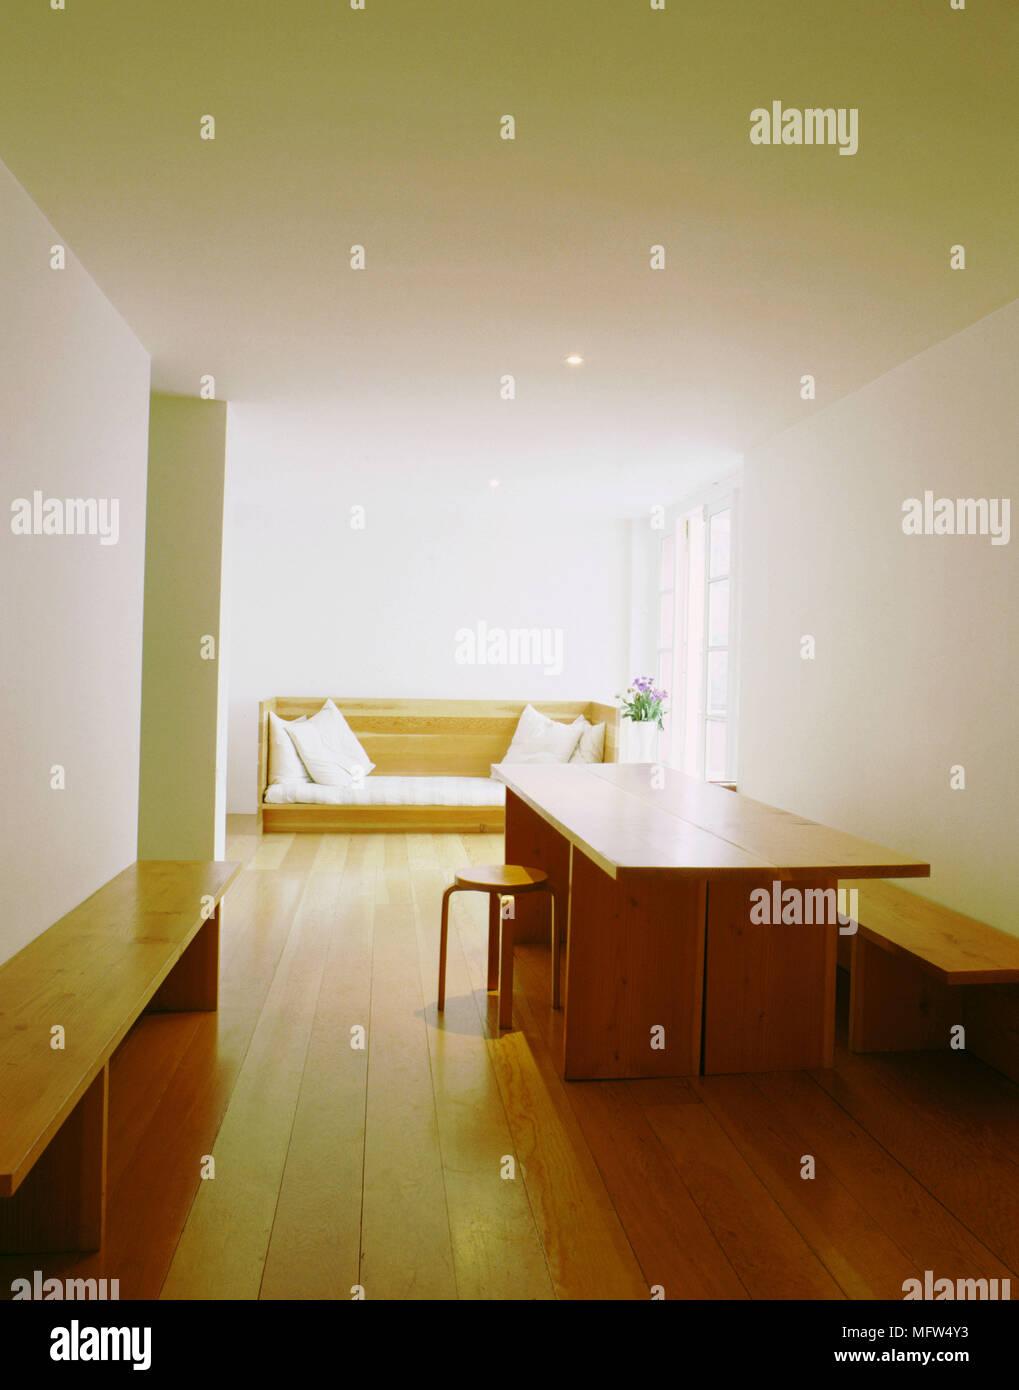 Modernes Minimalistisches Offene Esszimmer Holz Tisch Sitzbank